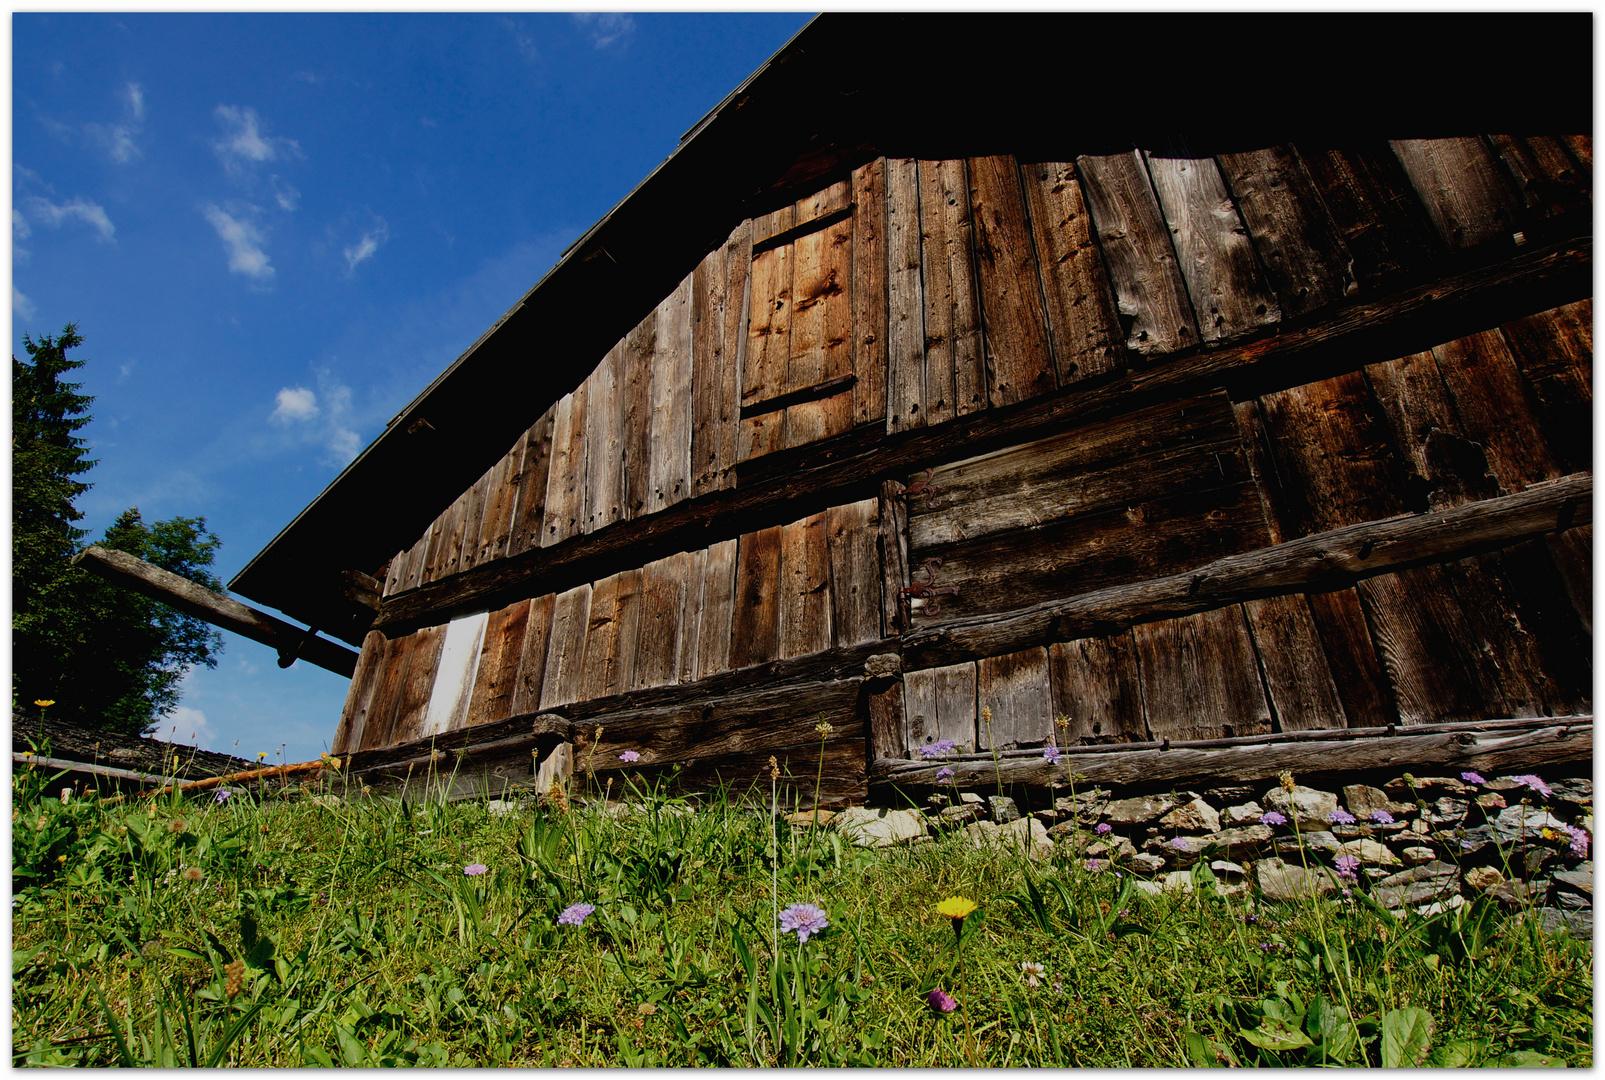 Osttiroler Holzstadel